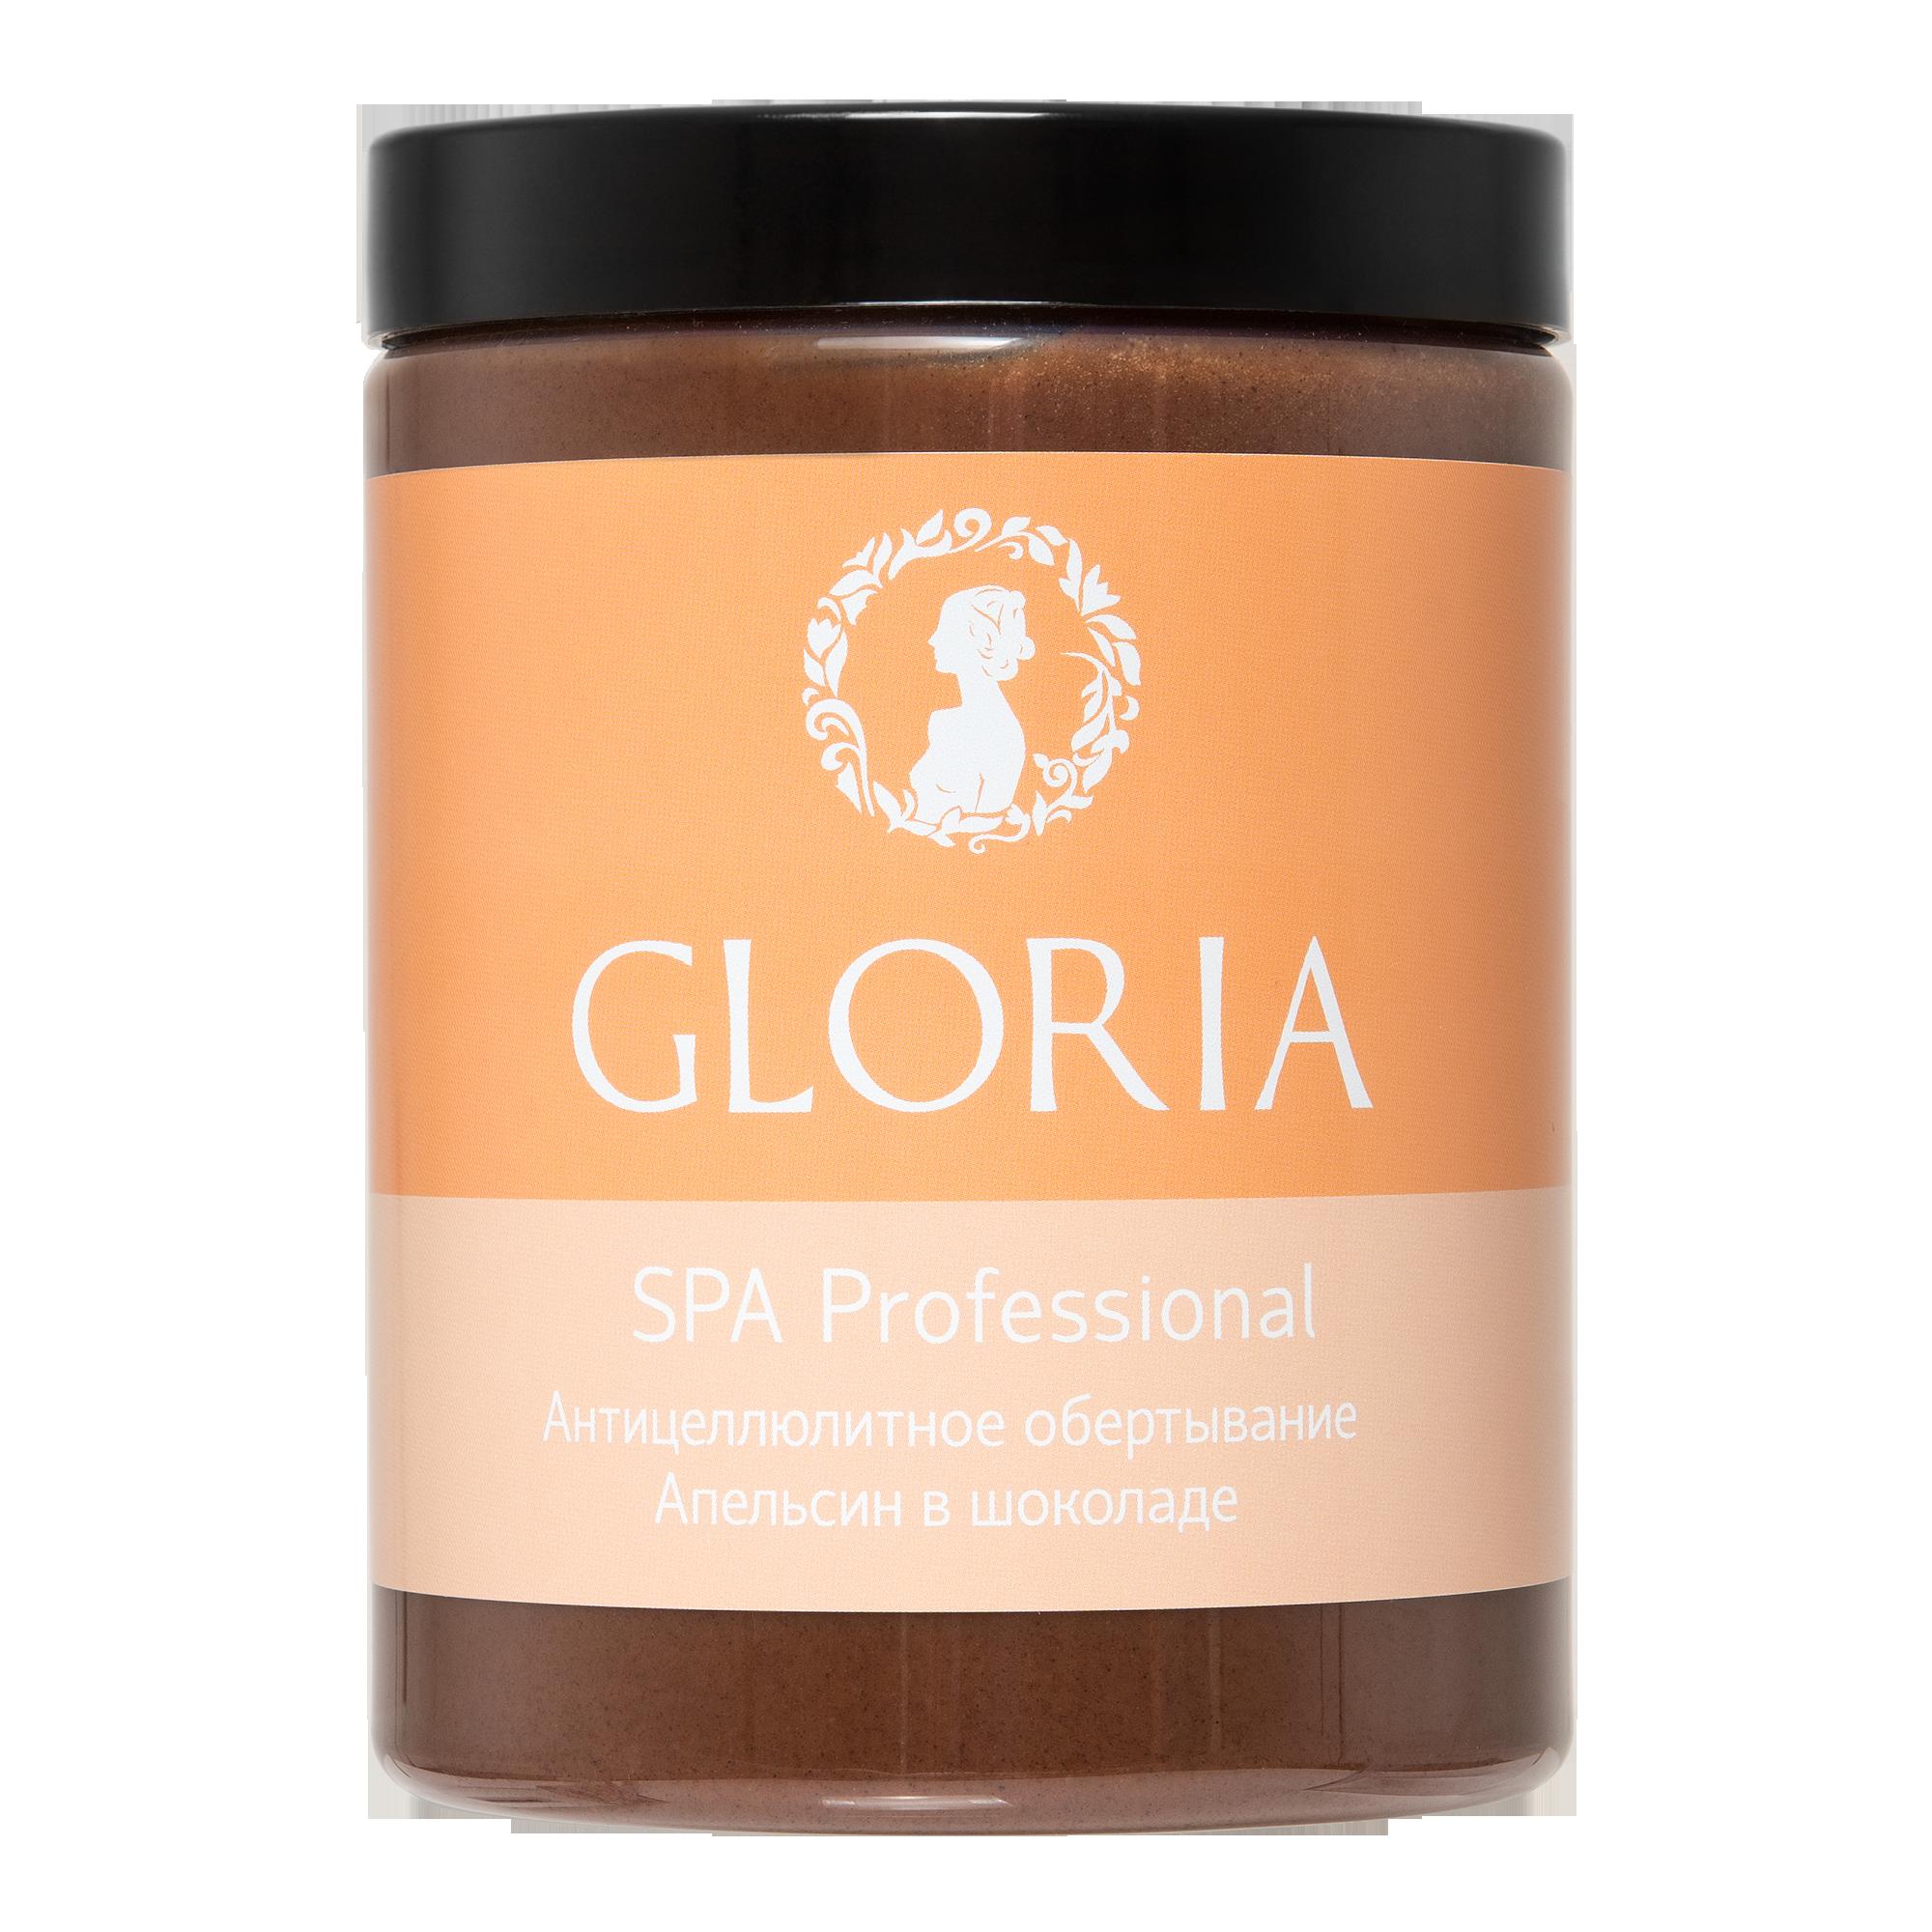 GLORIA Обертывание антицеллюлитное & Апельсин в шоколаде&  / GLORIA SPA, 1000 мл -  Обертывания